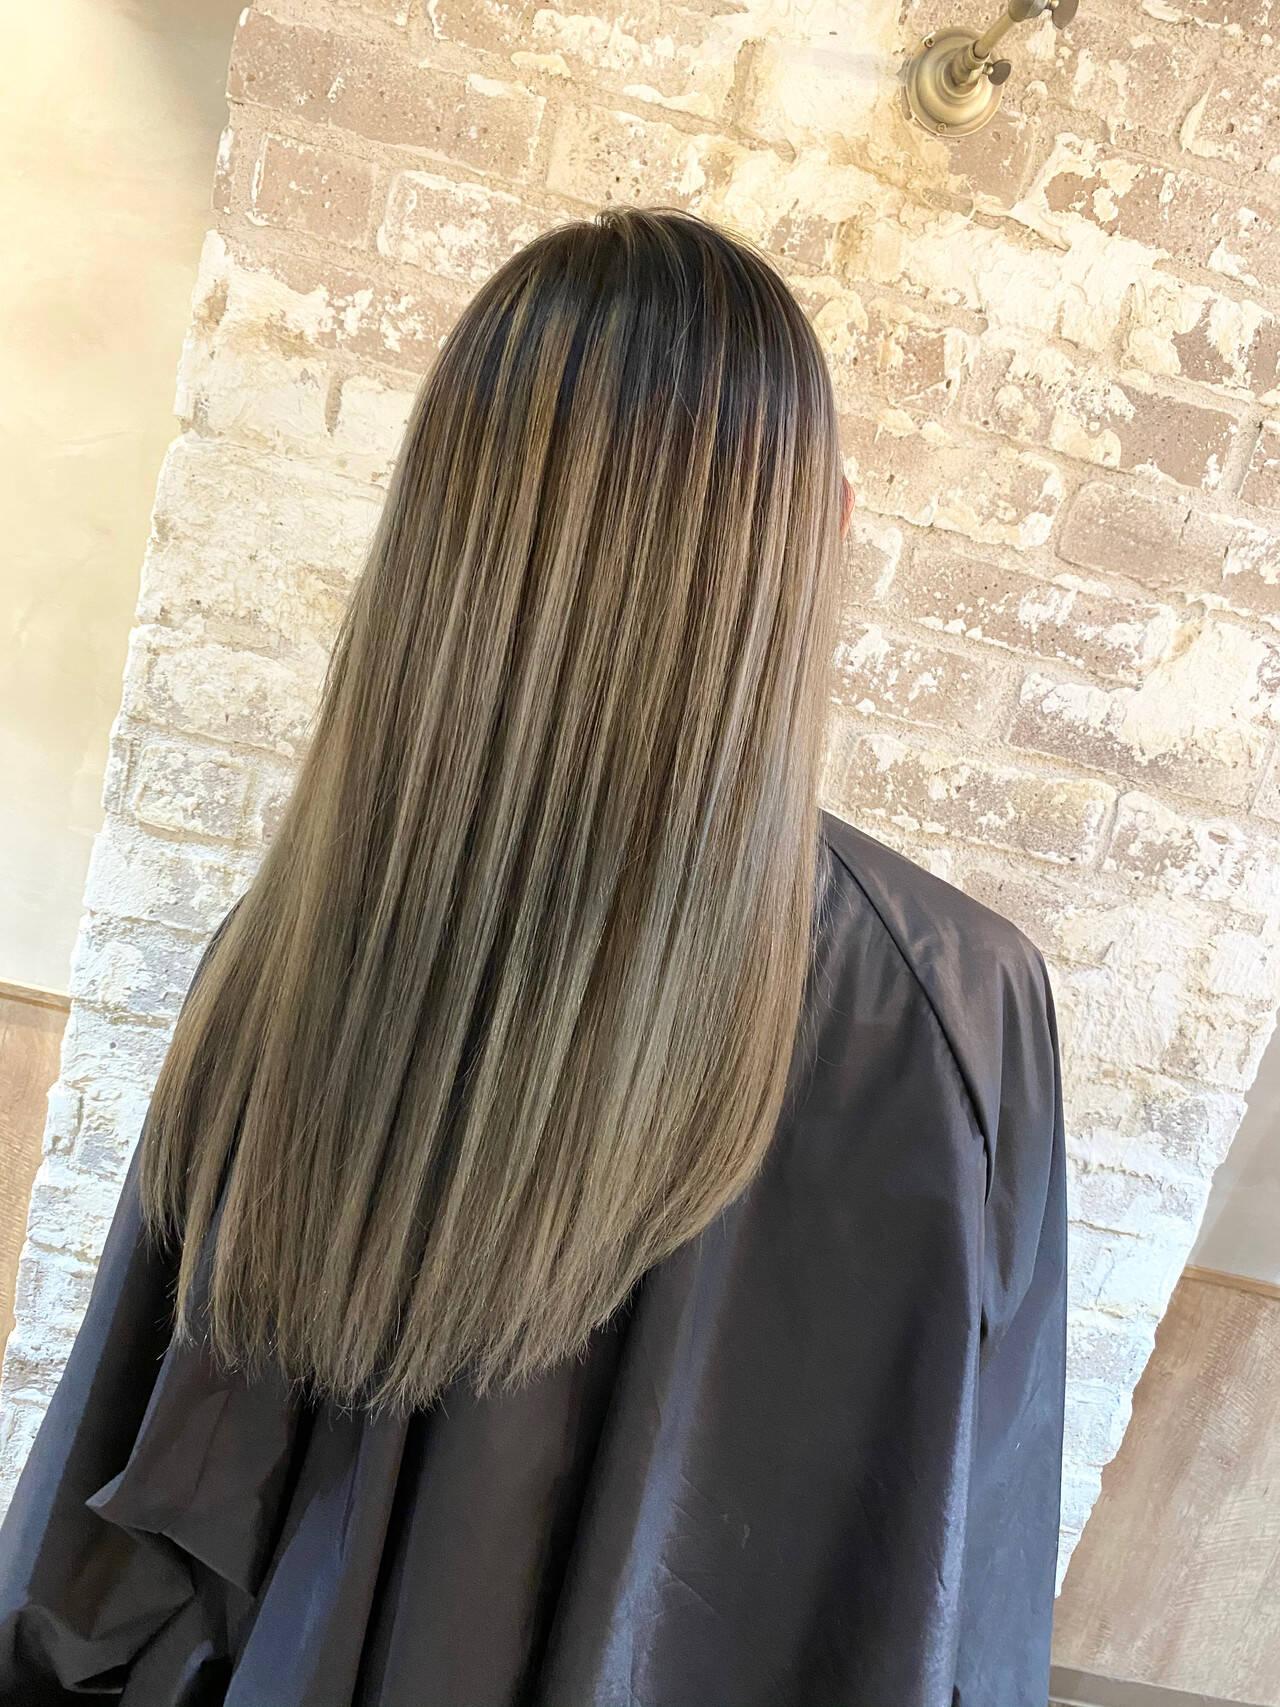 ハイライト バレイヤージュ ロング ブリーチヘアスタイルや髪型の写真・画像